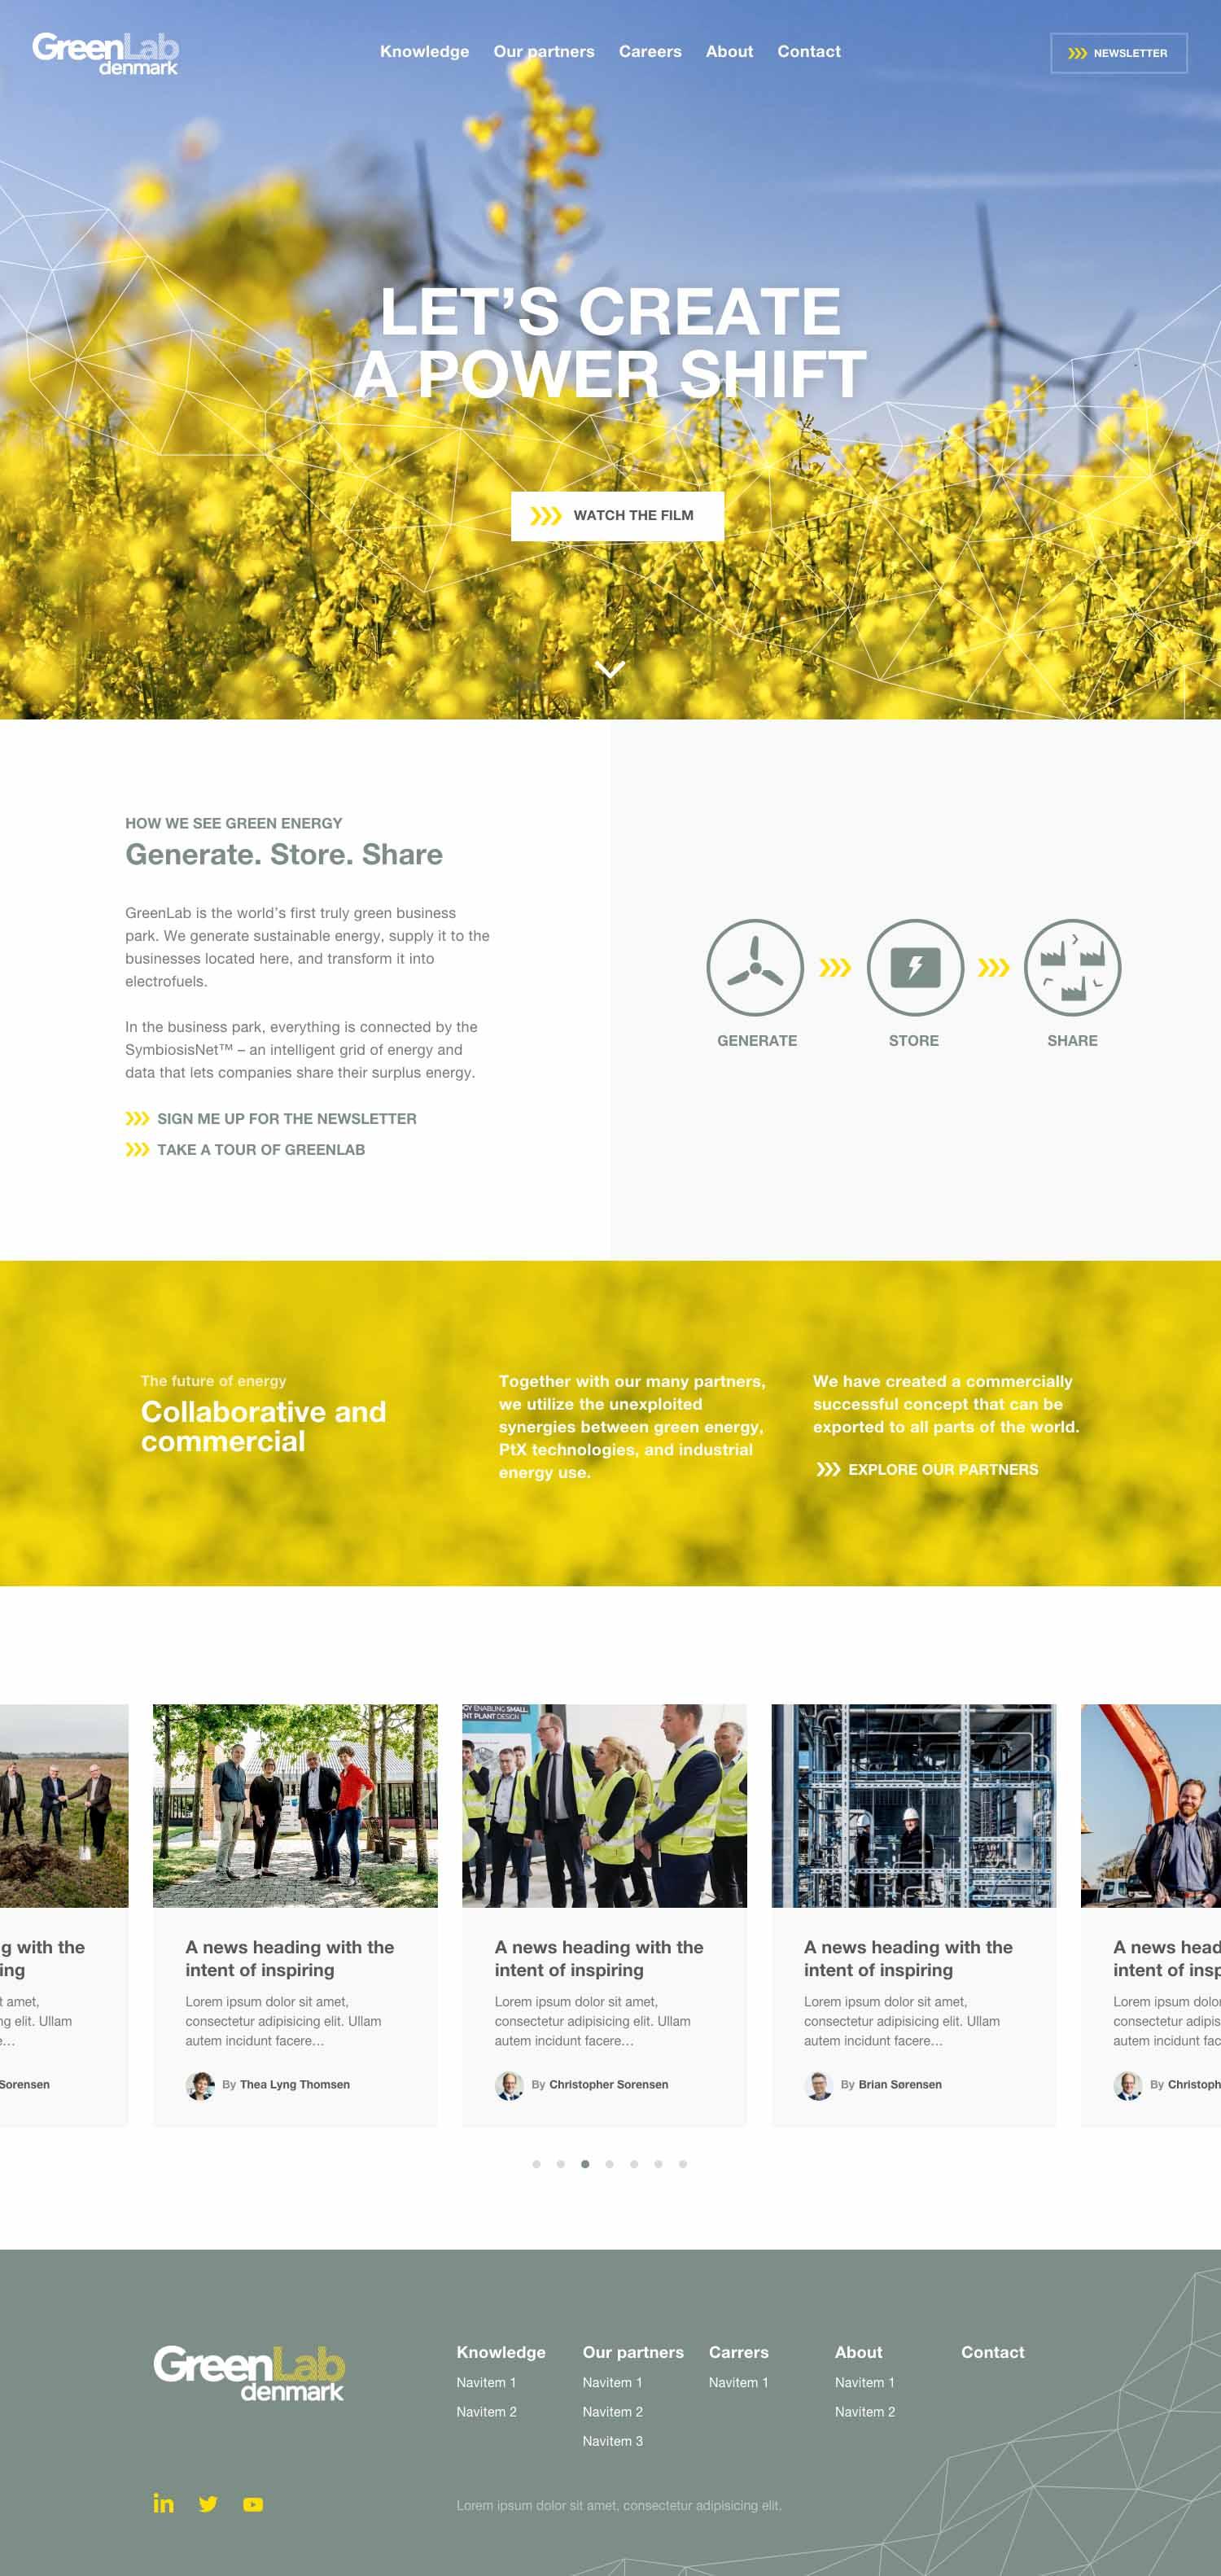 Billede der viser design på forsiden af GreenLabs nye hjemmeside